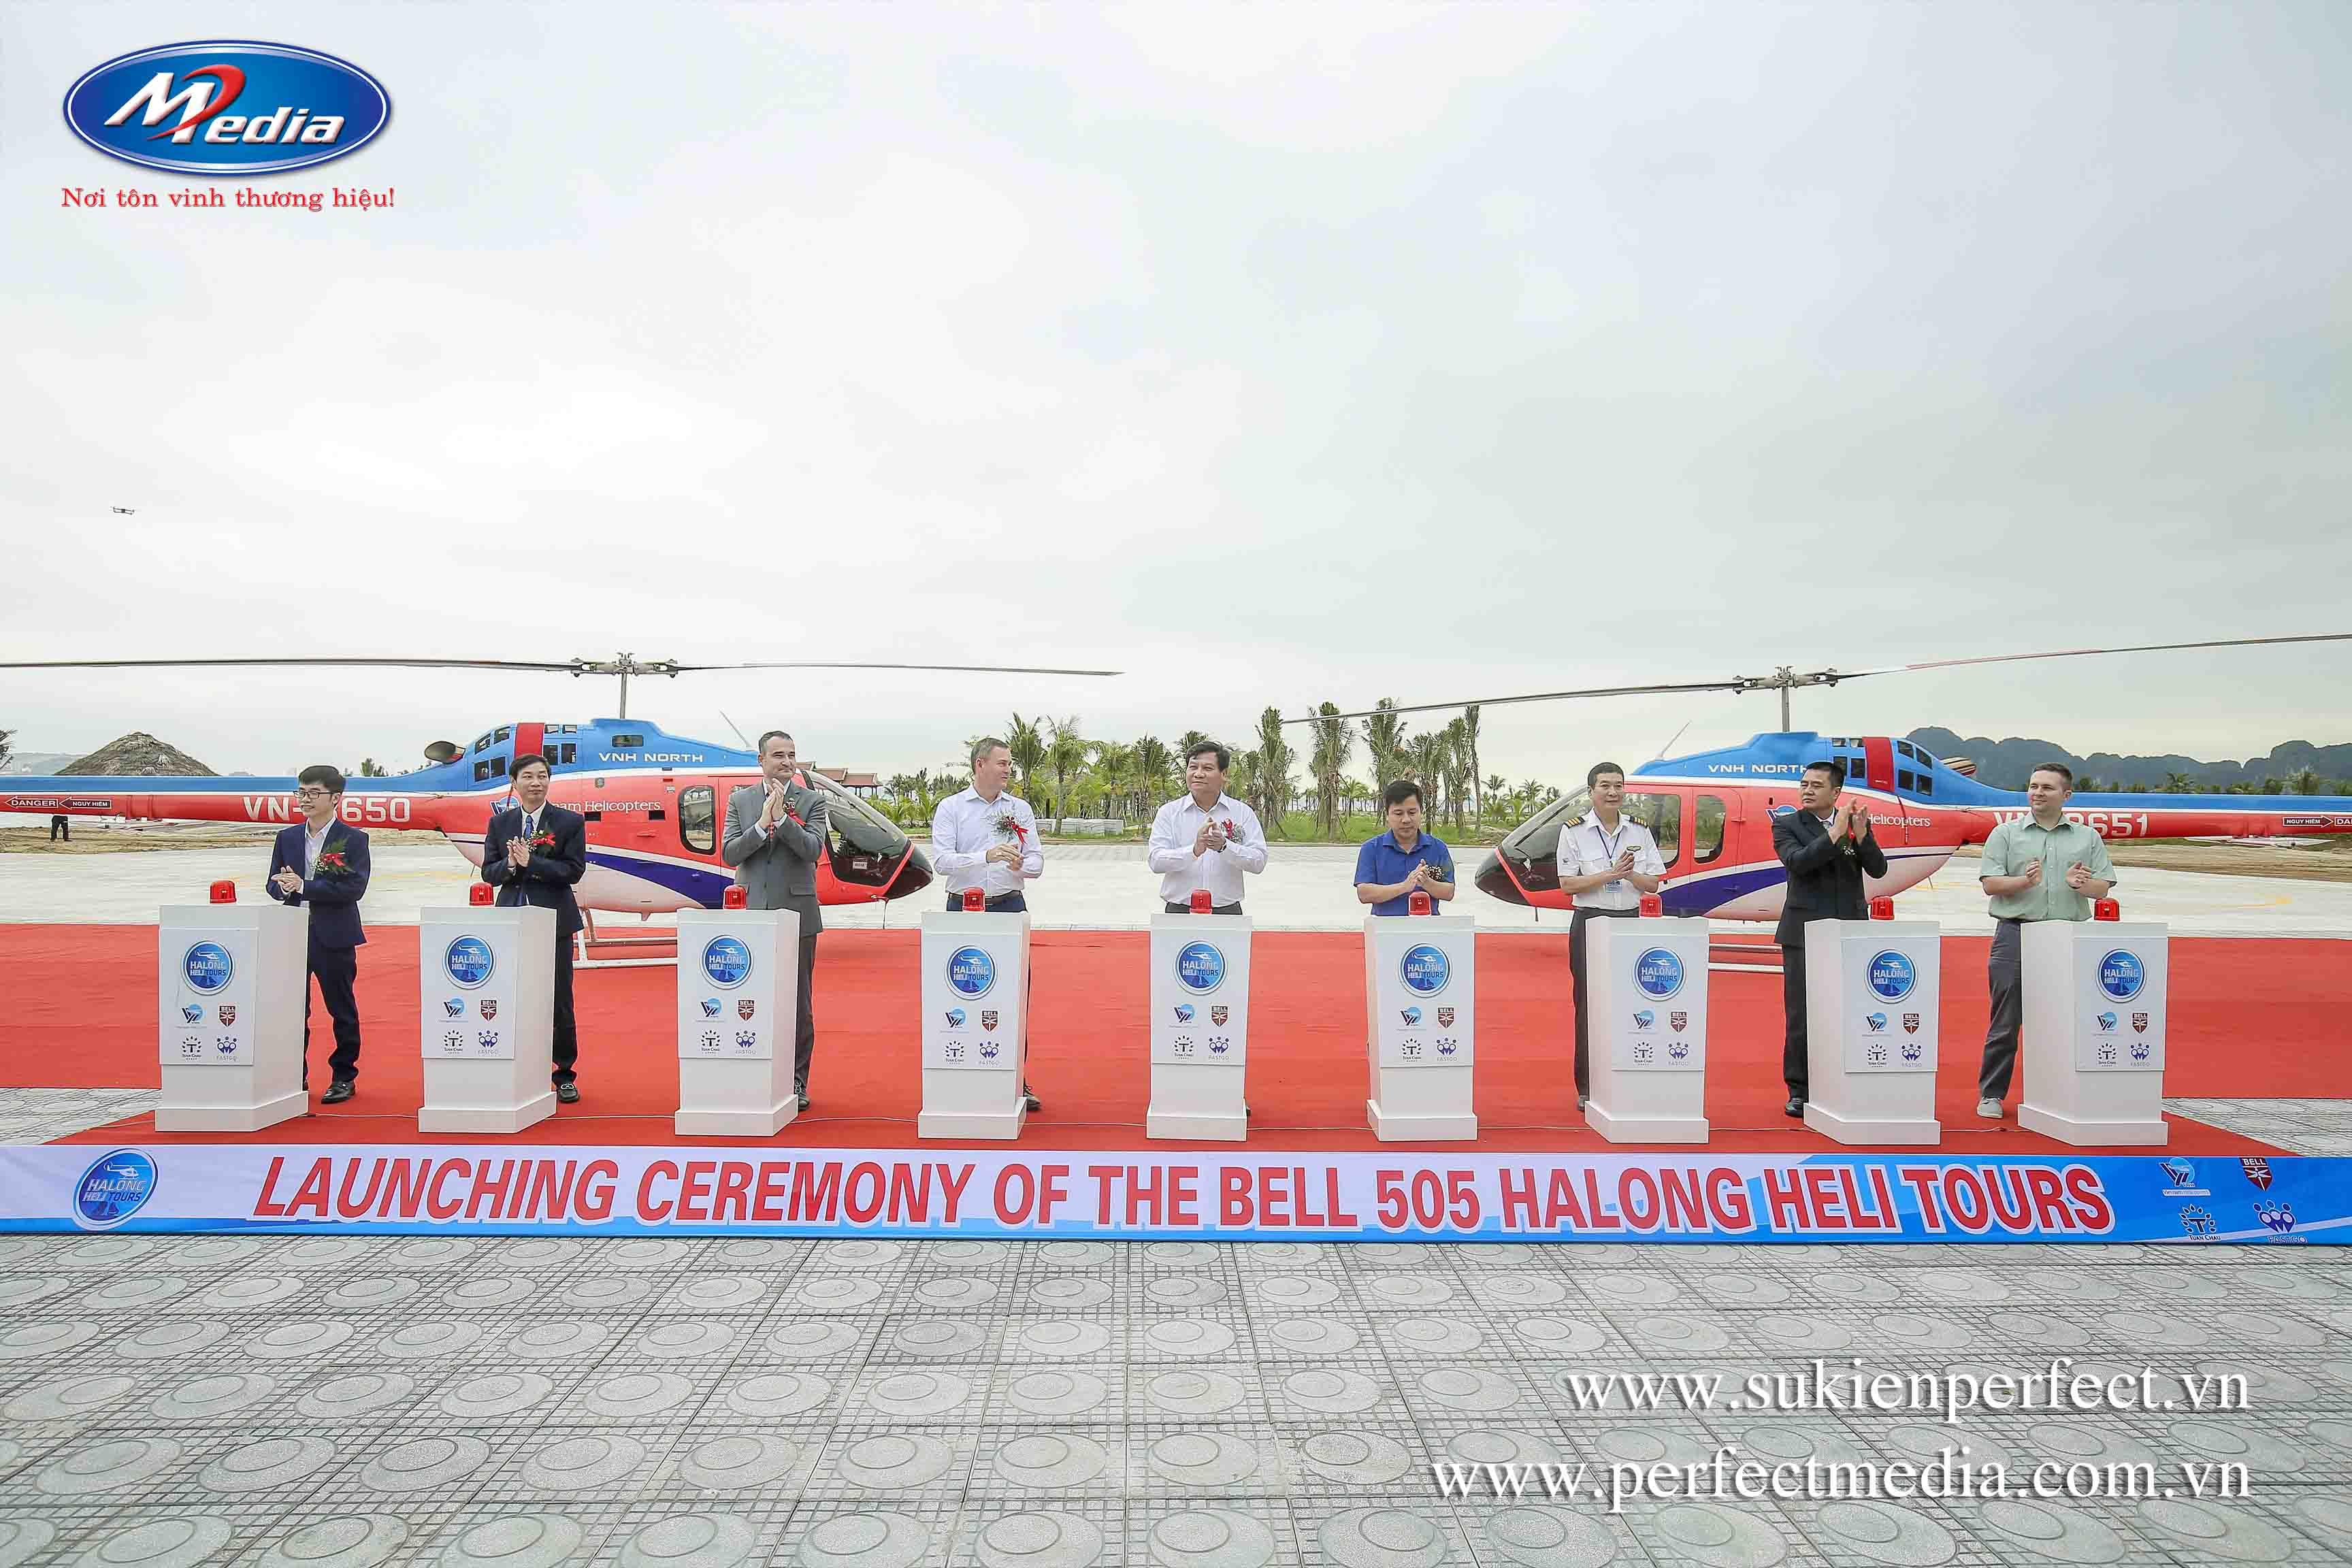 công ty tổ chức sự kiện Hạ Long Quảng Ninh Perfect Media 2